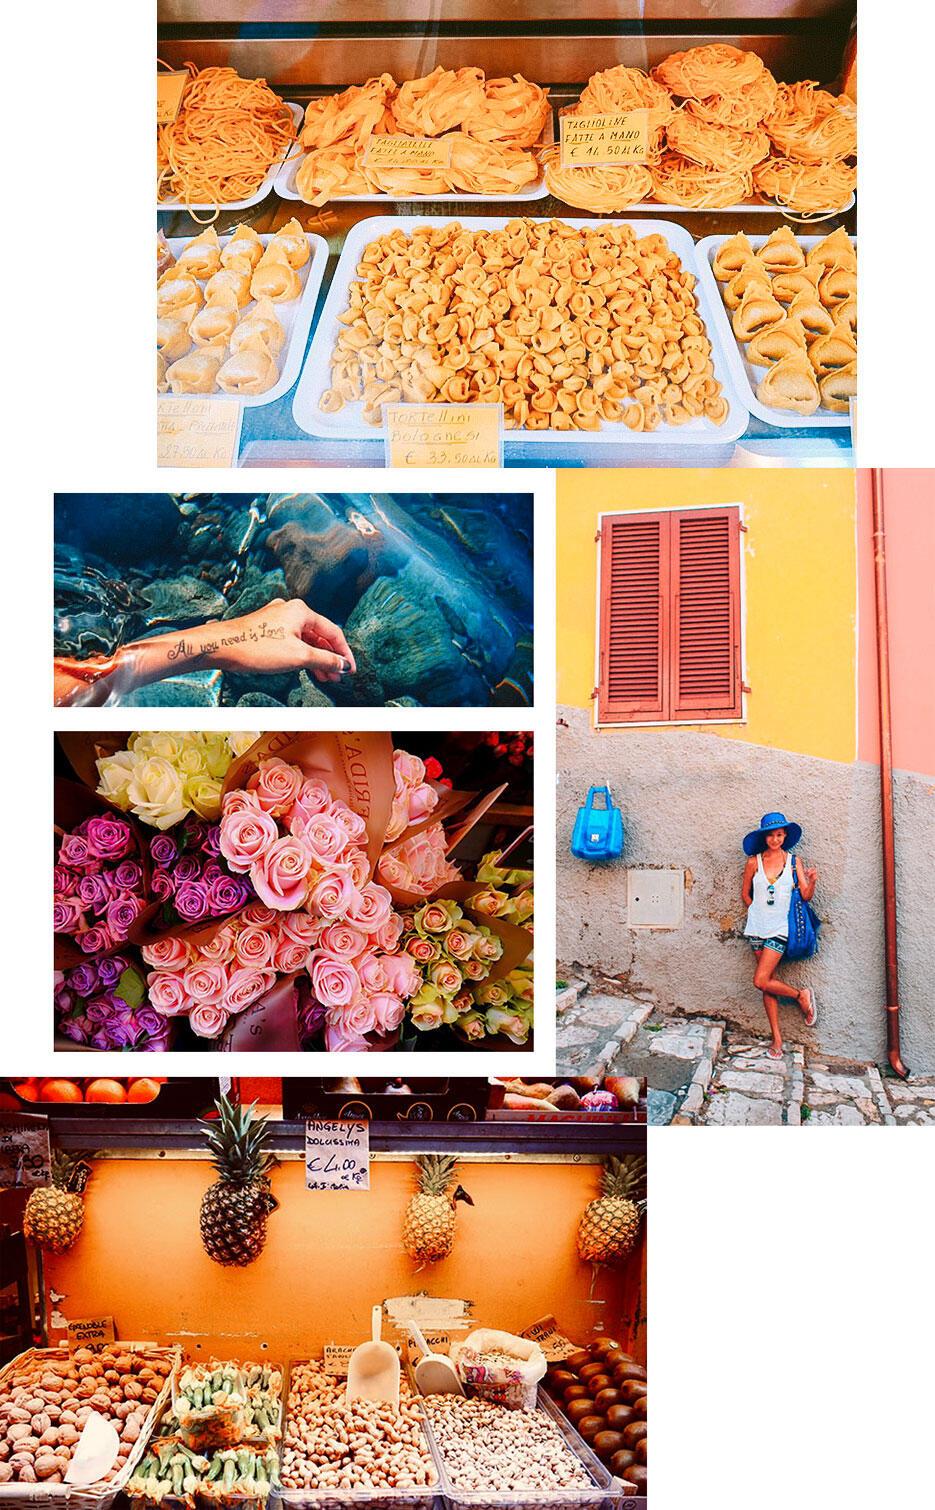 Nespresso-malaysia-11-italy-pasta-roses-pineapples-italian-joyce-wong